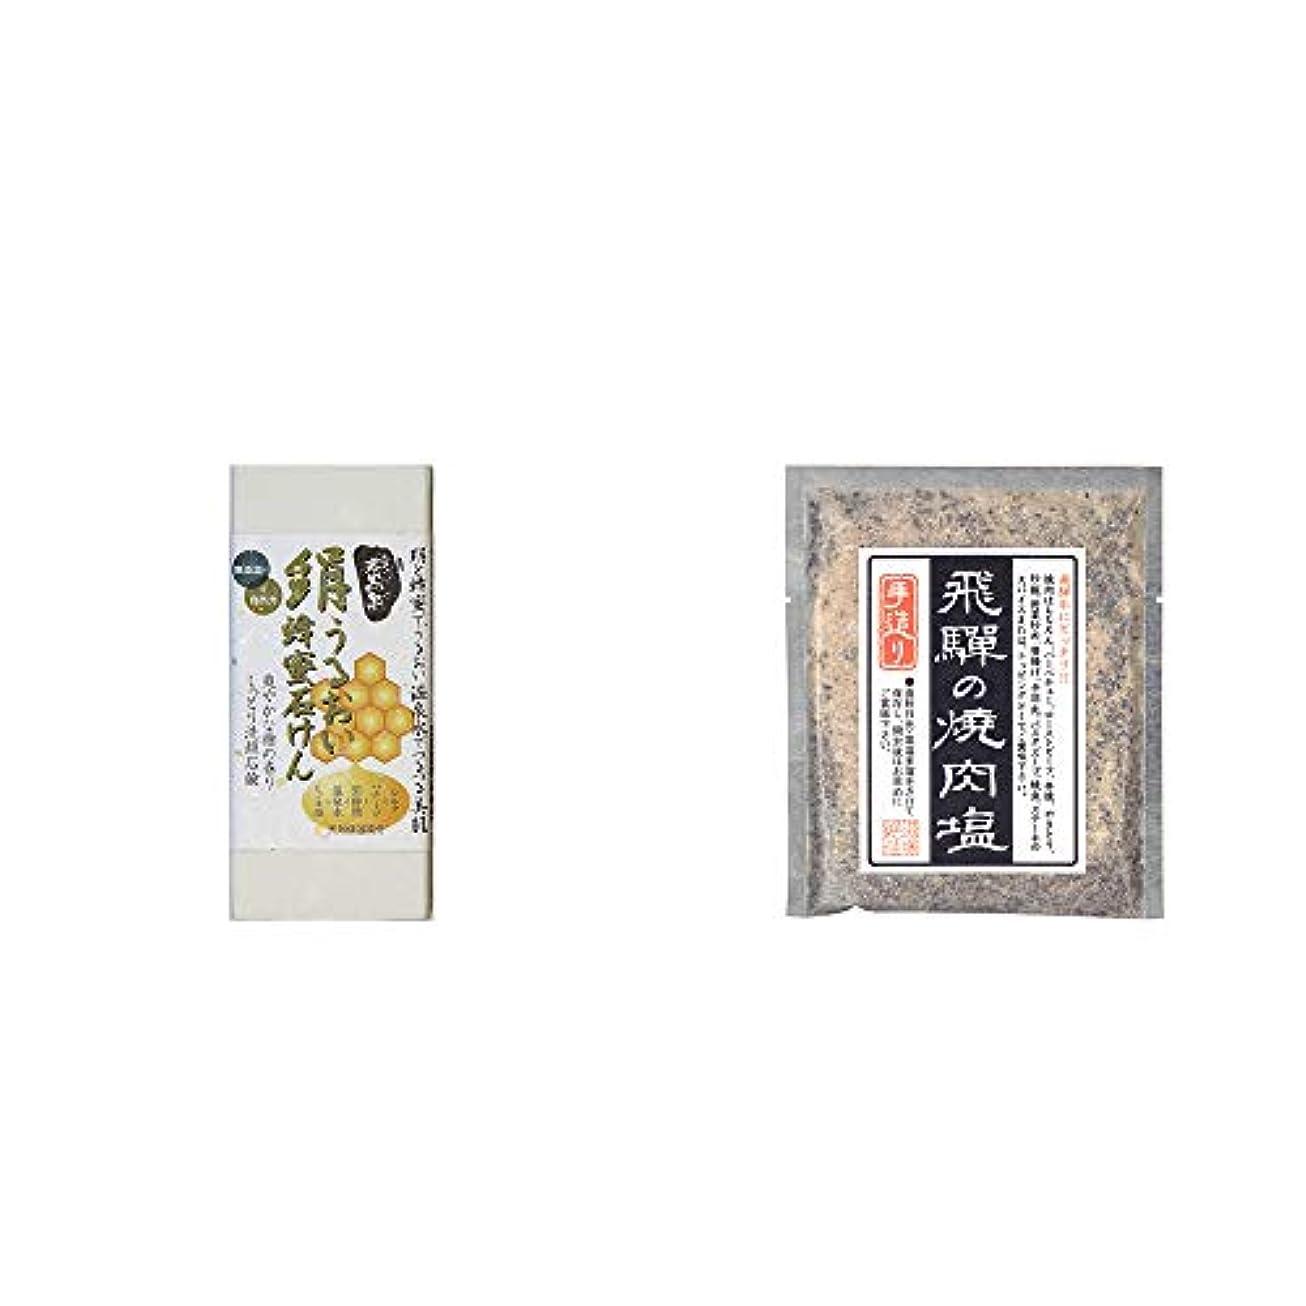 規制する辞任ギャングスター[2点セット] ひのき炭黒泉 絹うるおい蜂蜜石けん(75g×2)?手造り 飛騨の焼肉塩(80g)